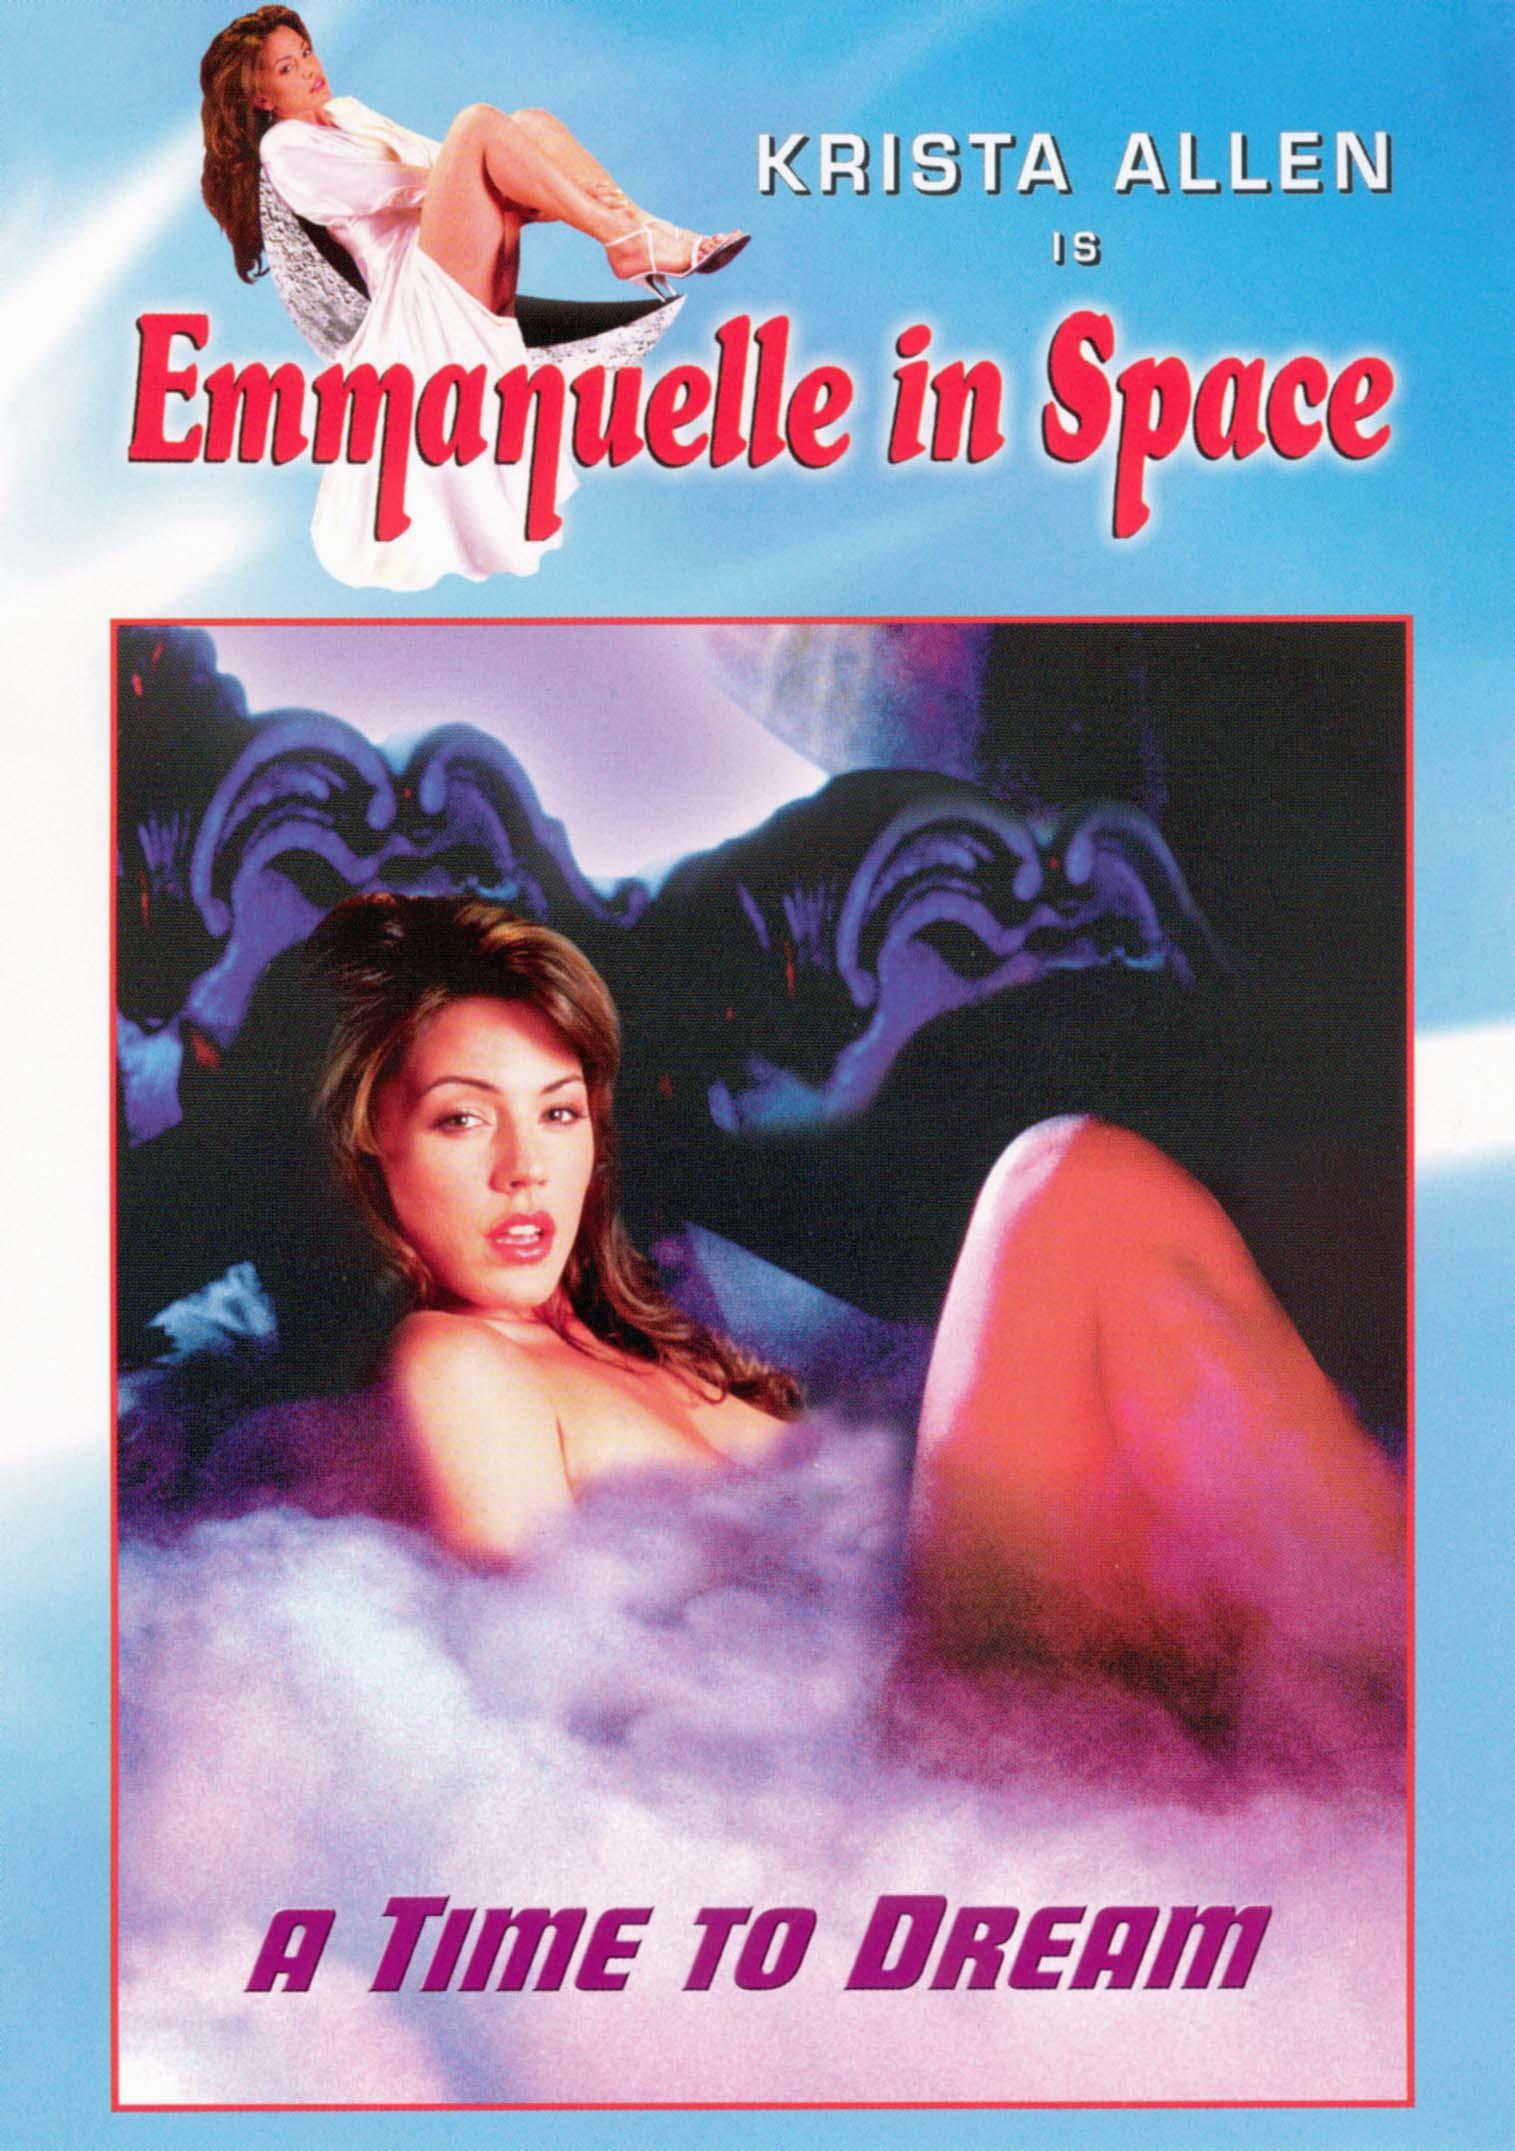 Эротика эммануэль в космосе 4 фотография